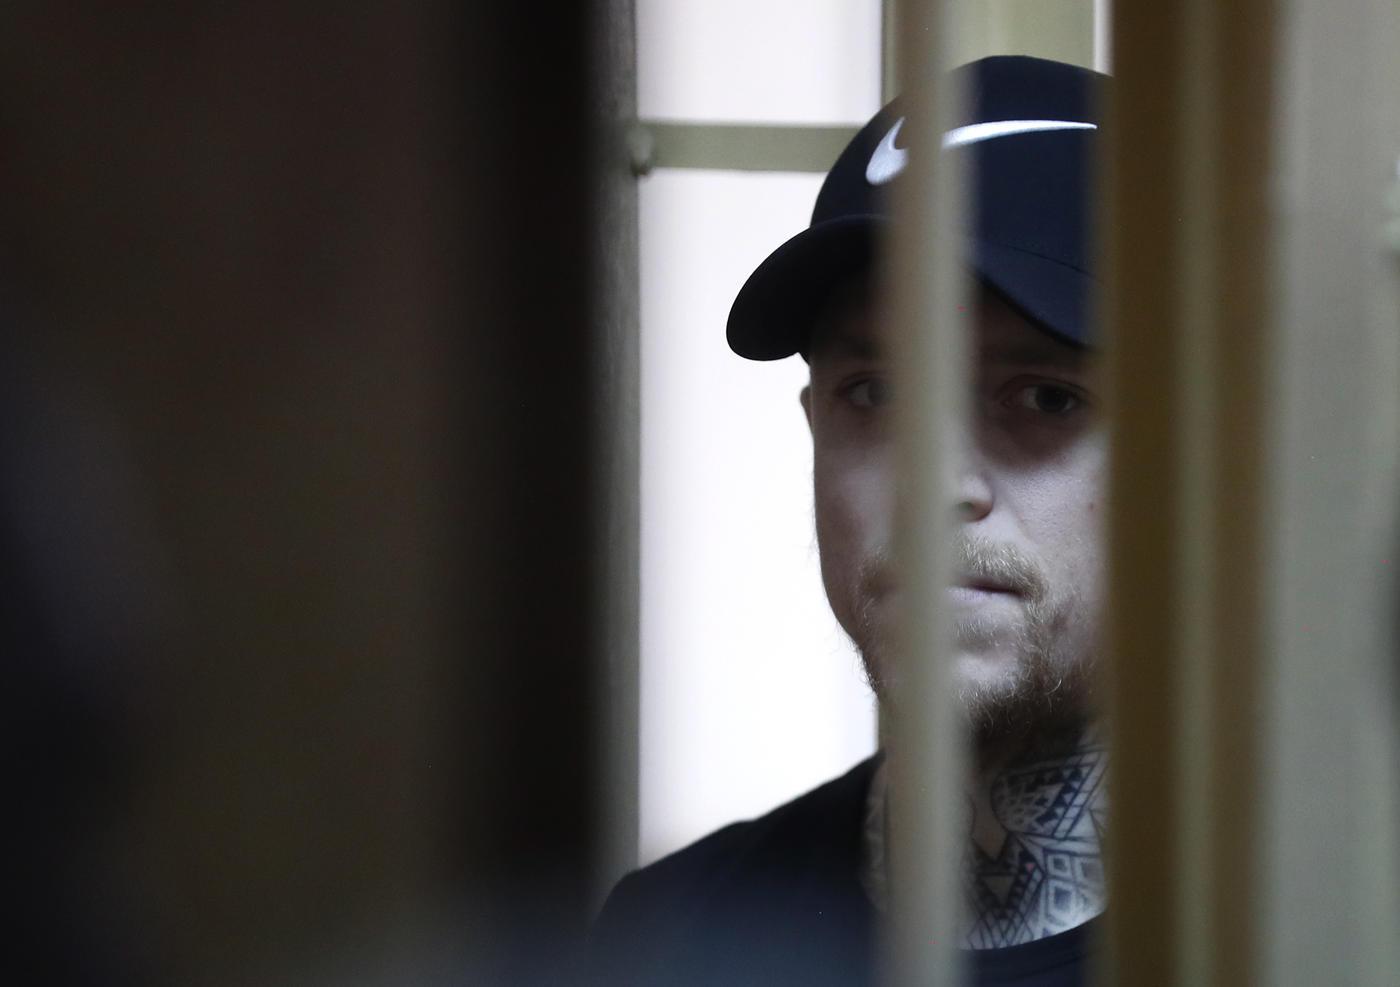 Цена за удар стулом – месяц тюрьмы. Кокорин и Мамаев узнали требования прокурора - фото